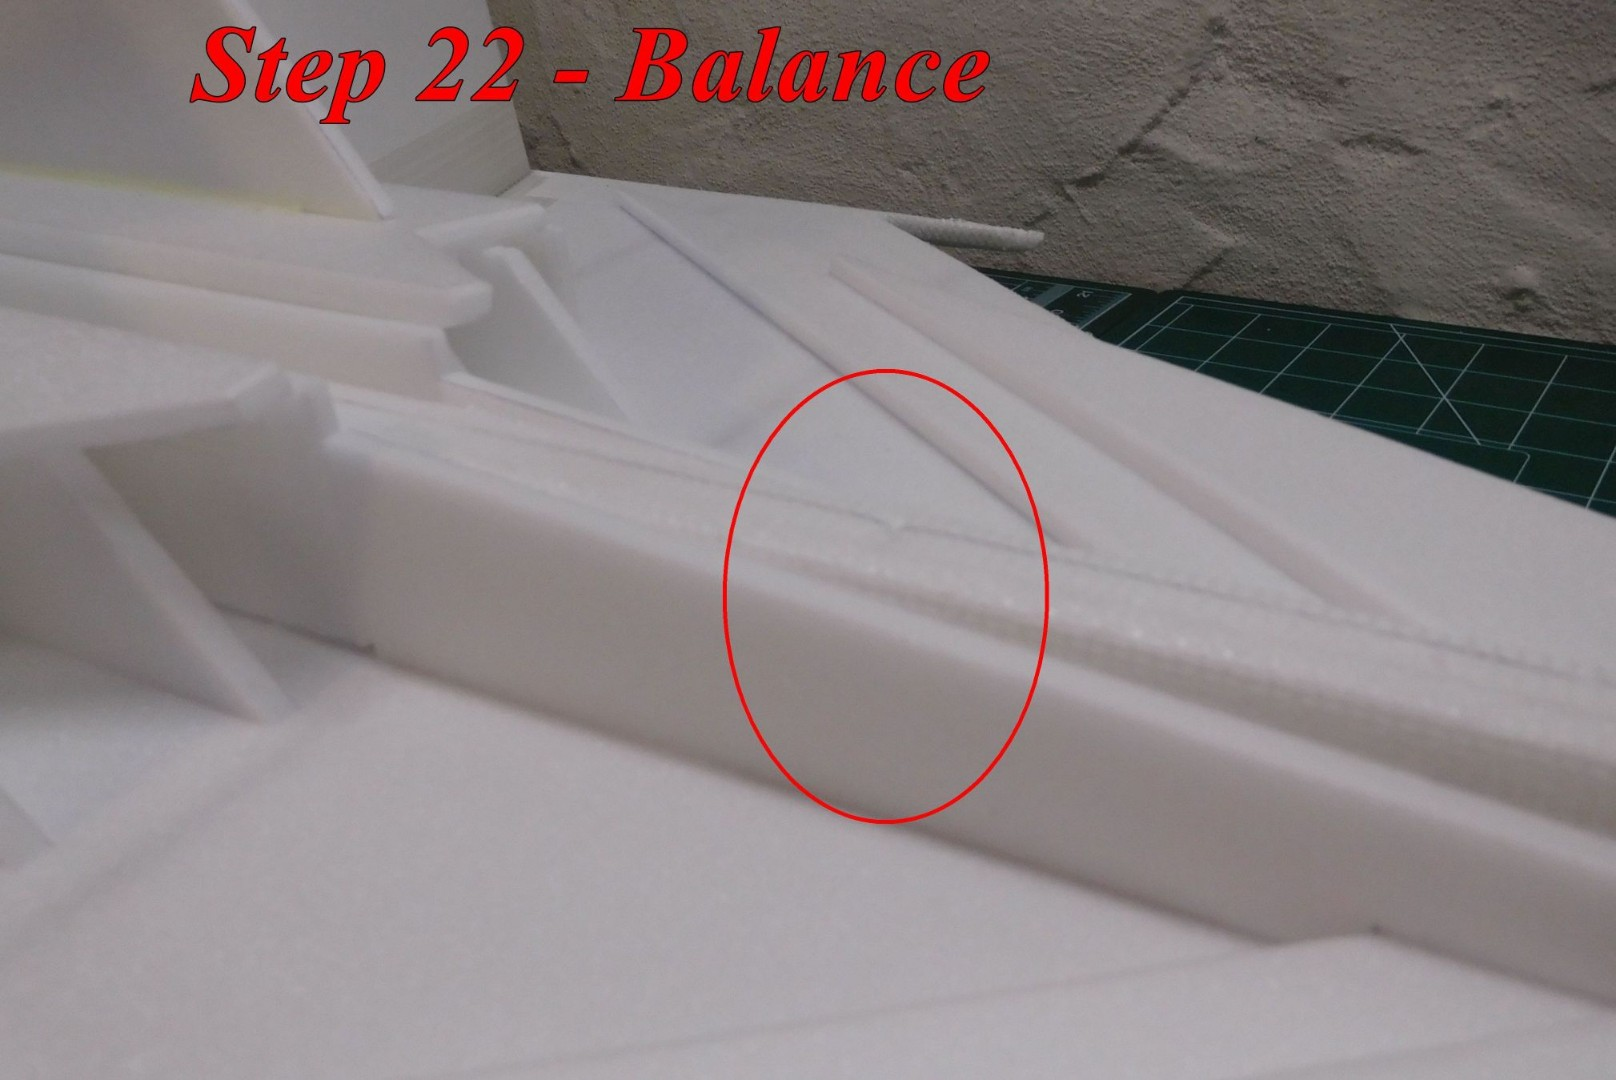 Step 22 Pic 1 - Balance.jpg